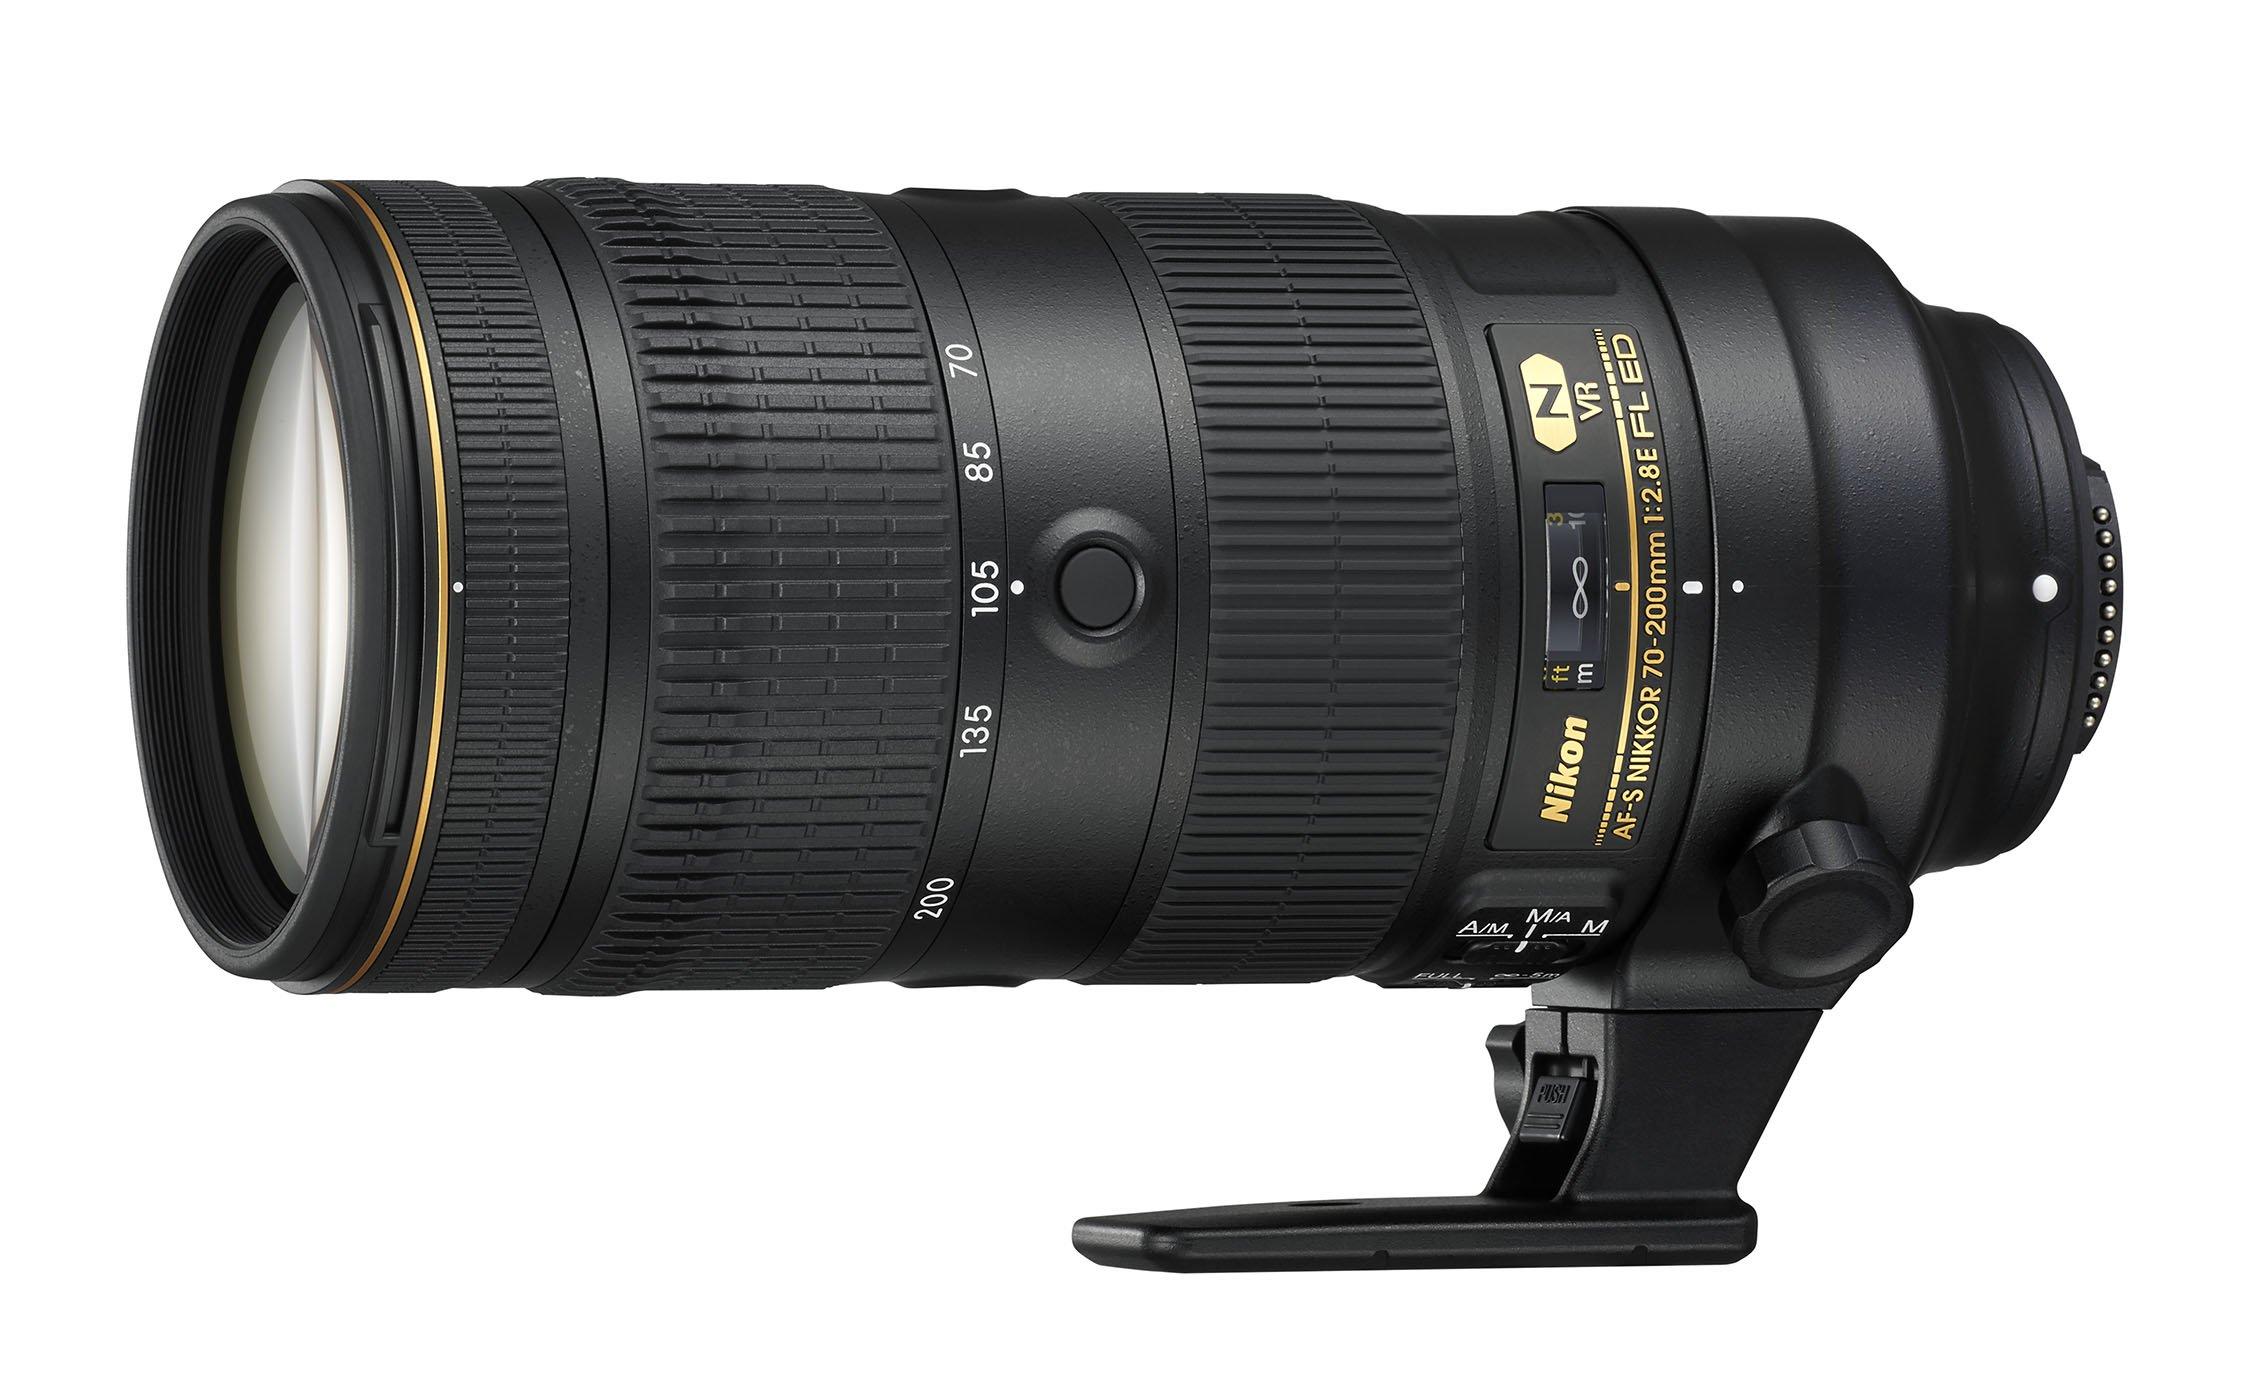 Nikon AF-S NIKKOR 70-200mm f/2.8E FL ED VR - camera lenses